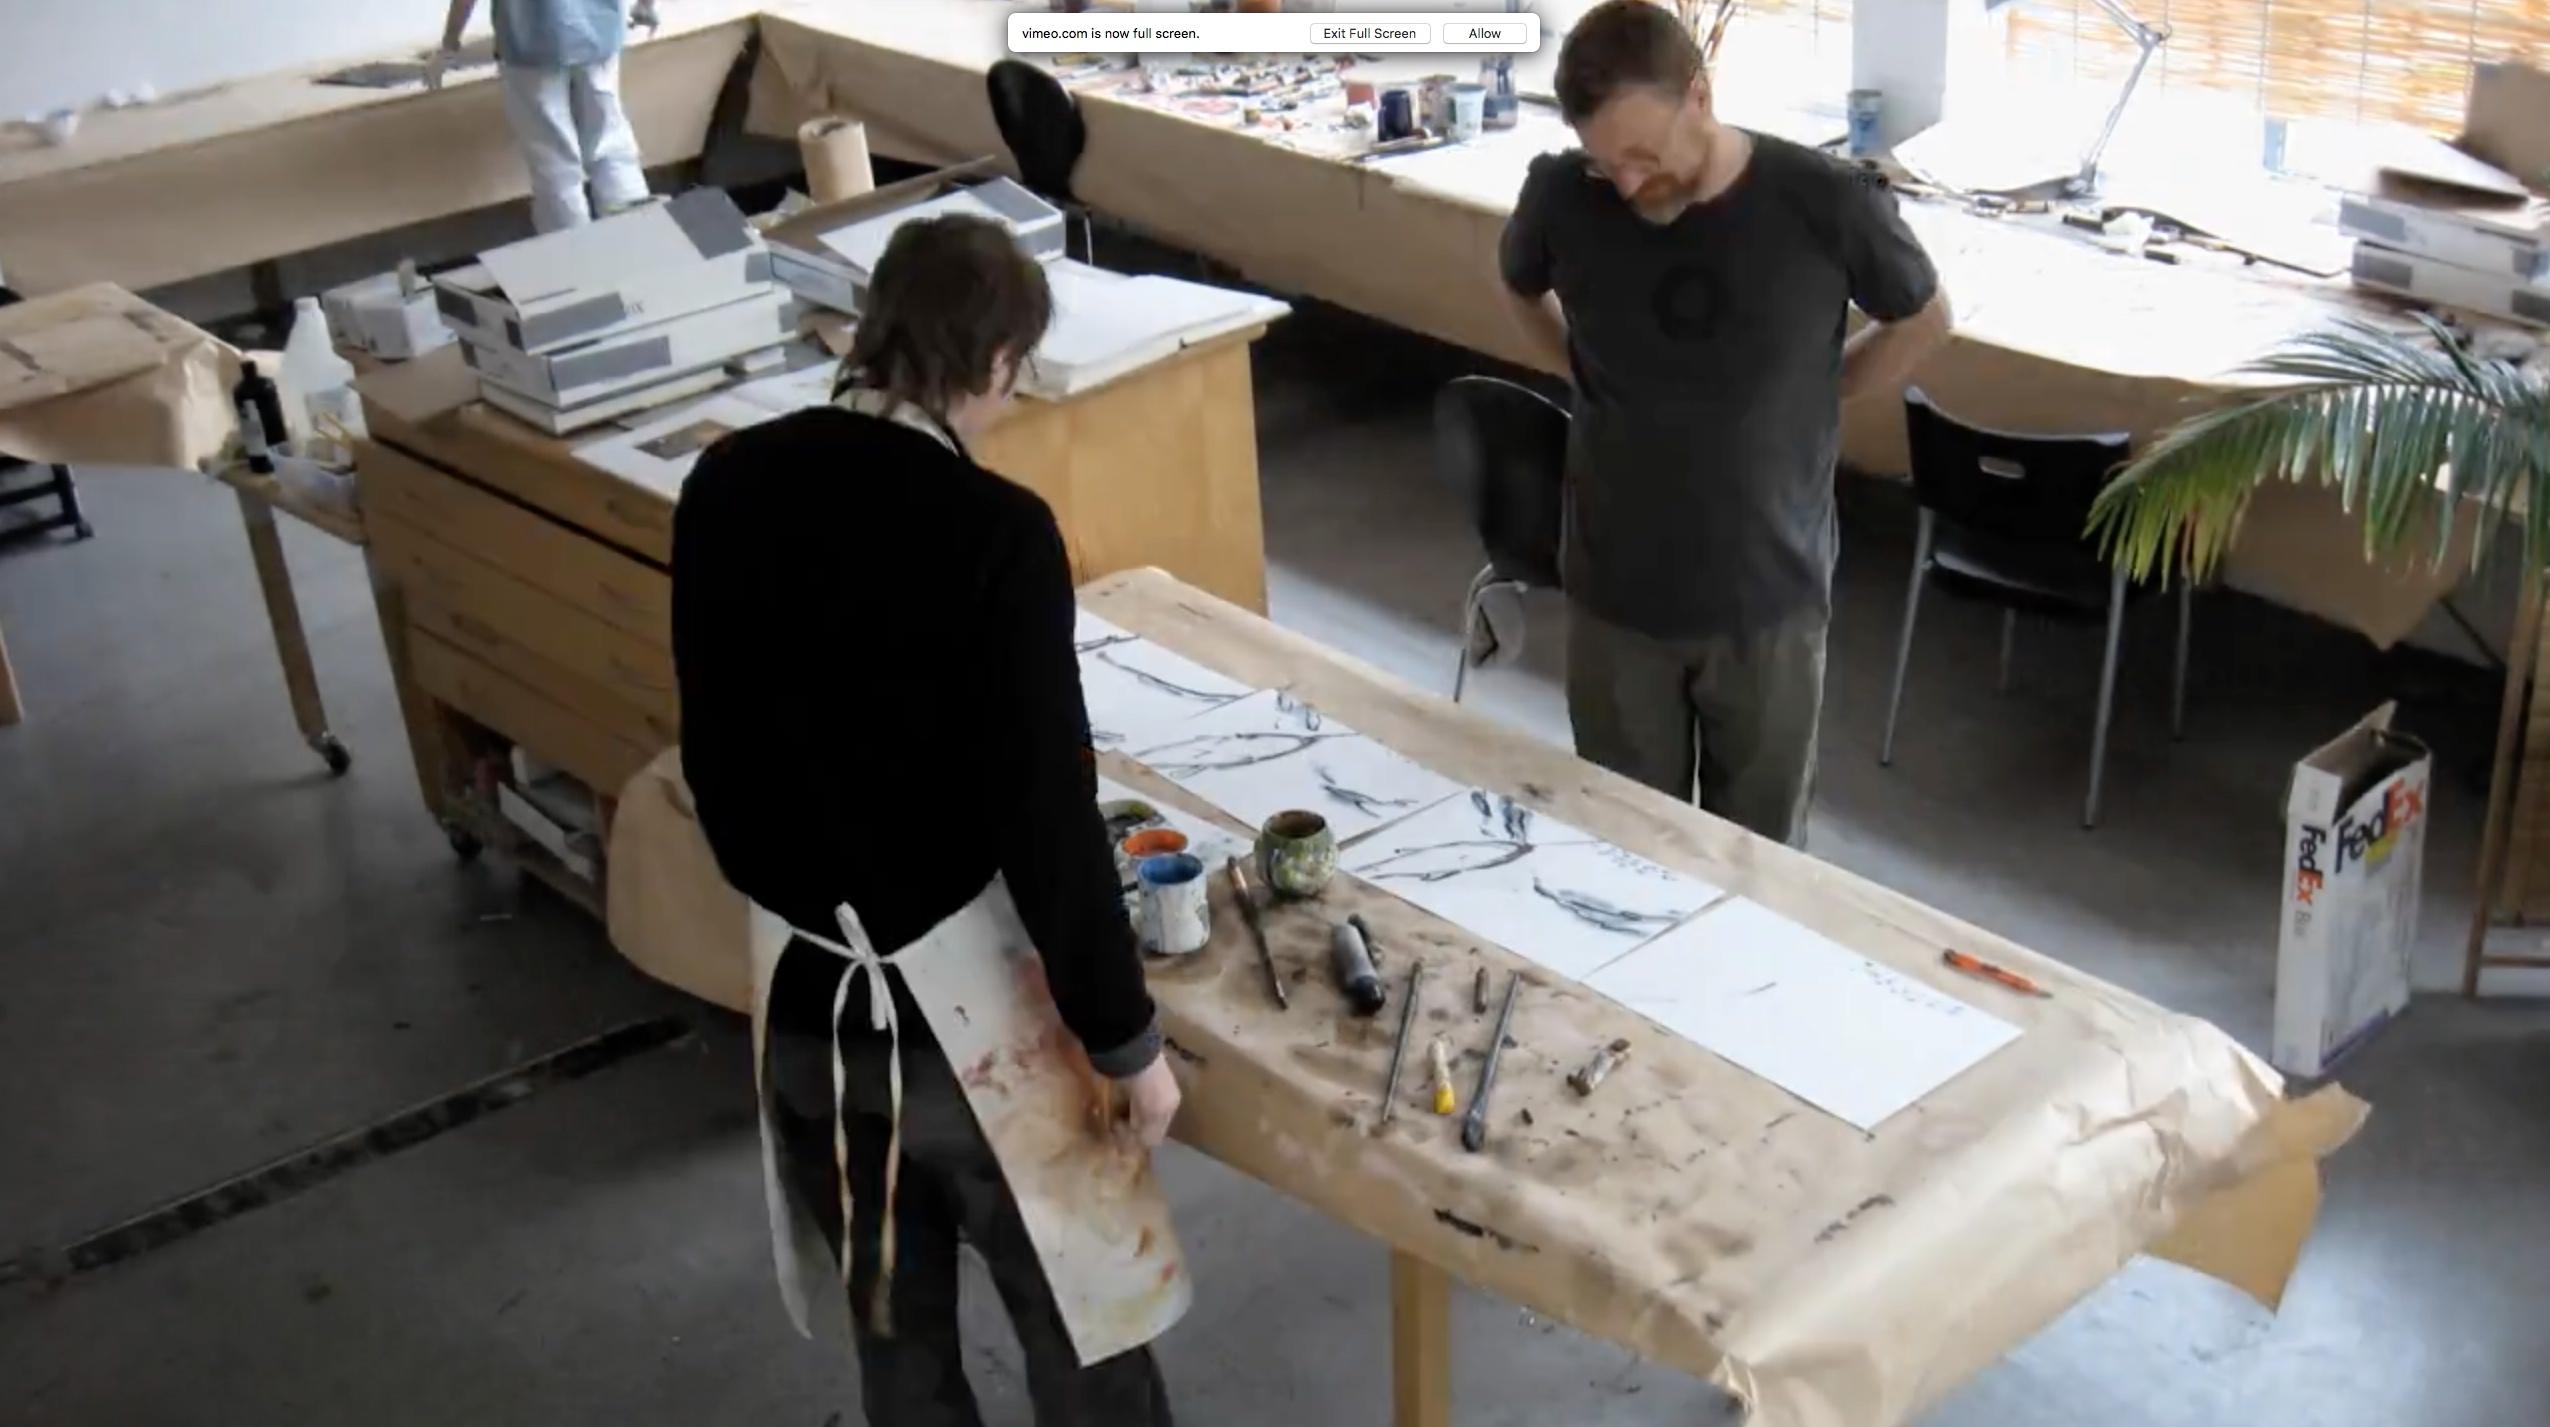 Bruce Alcock travaillant sur la création artistique de son court-métrage > | Photo de Global Mechanic